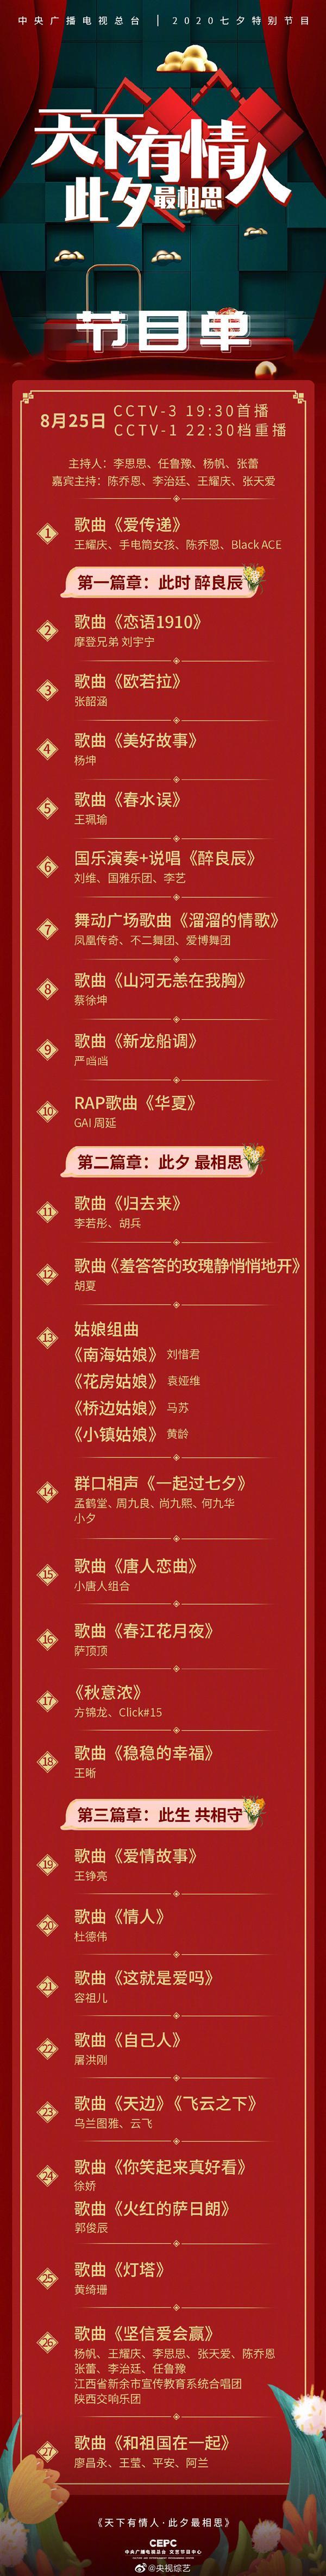 央视七夕晚会emoji节目单是怎么回事?什么情况?终于真相了,原来是这样!